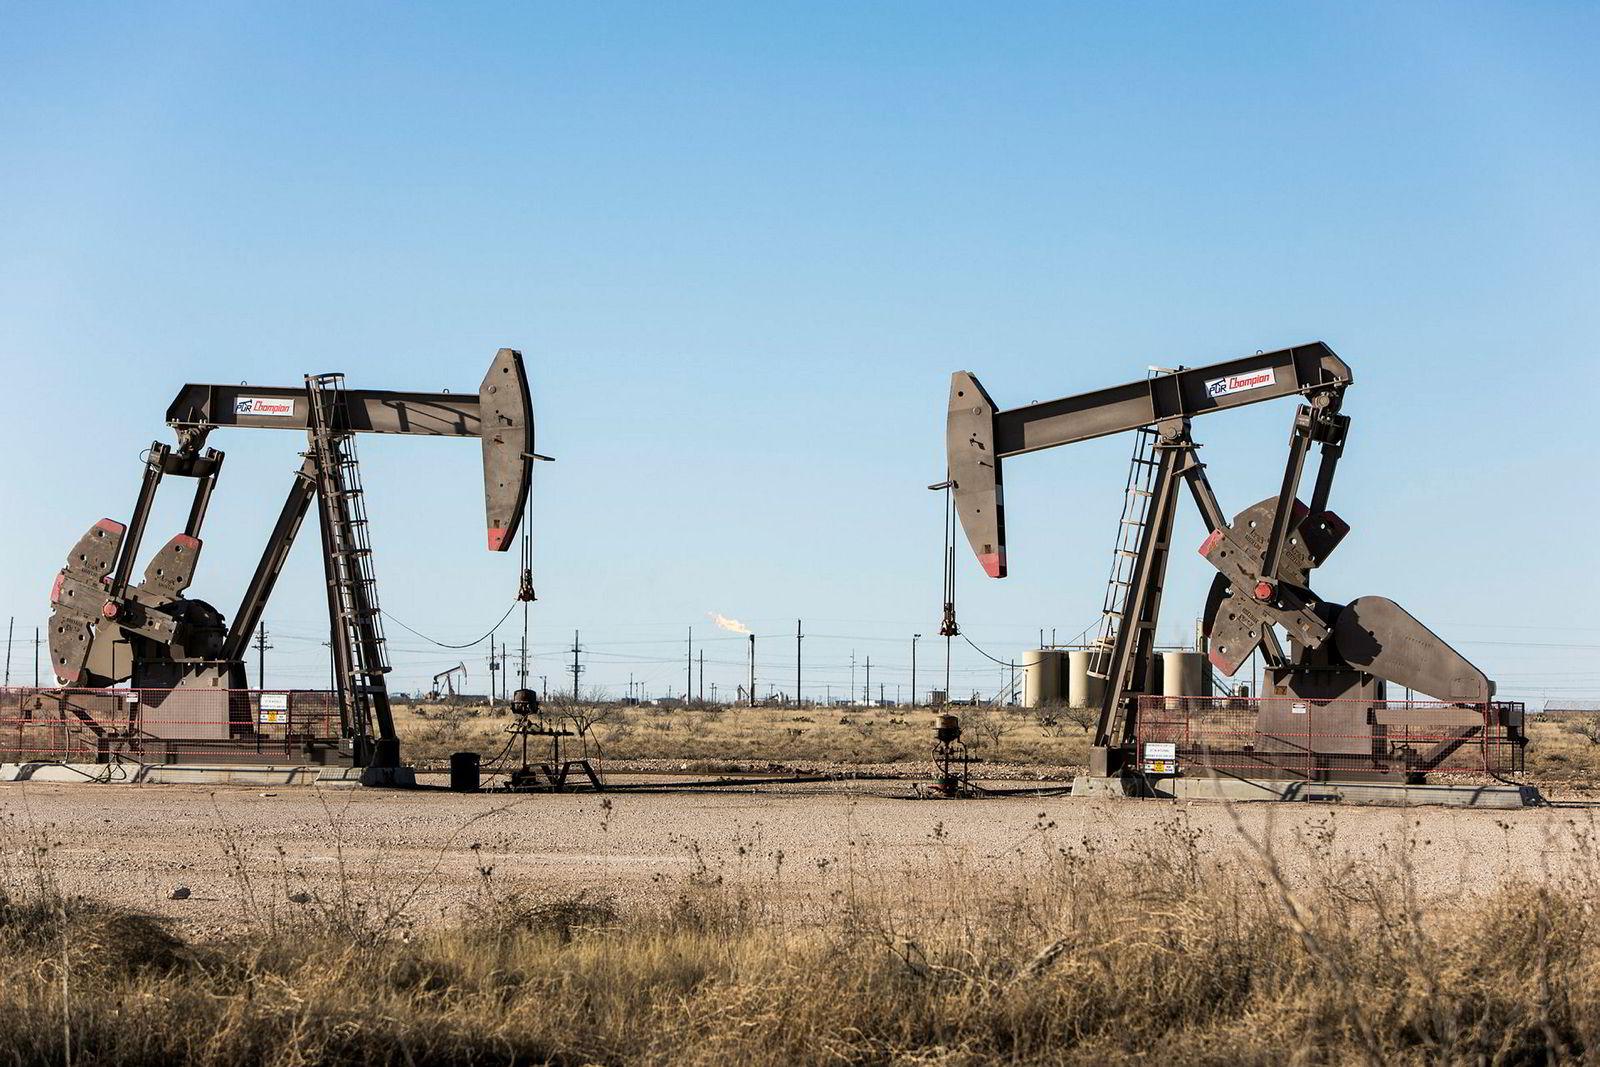 Norske Tomax var blant selskapene som nøt godt av oljeboomen i Midland, Texas.